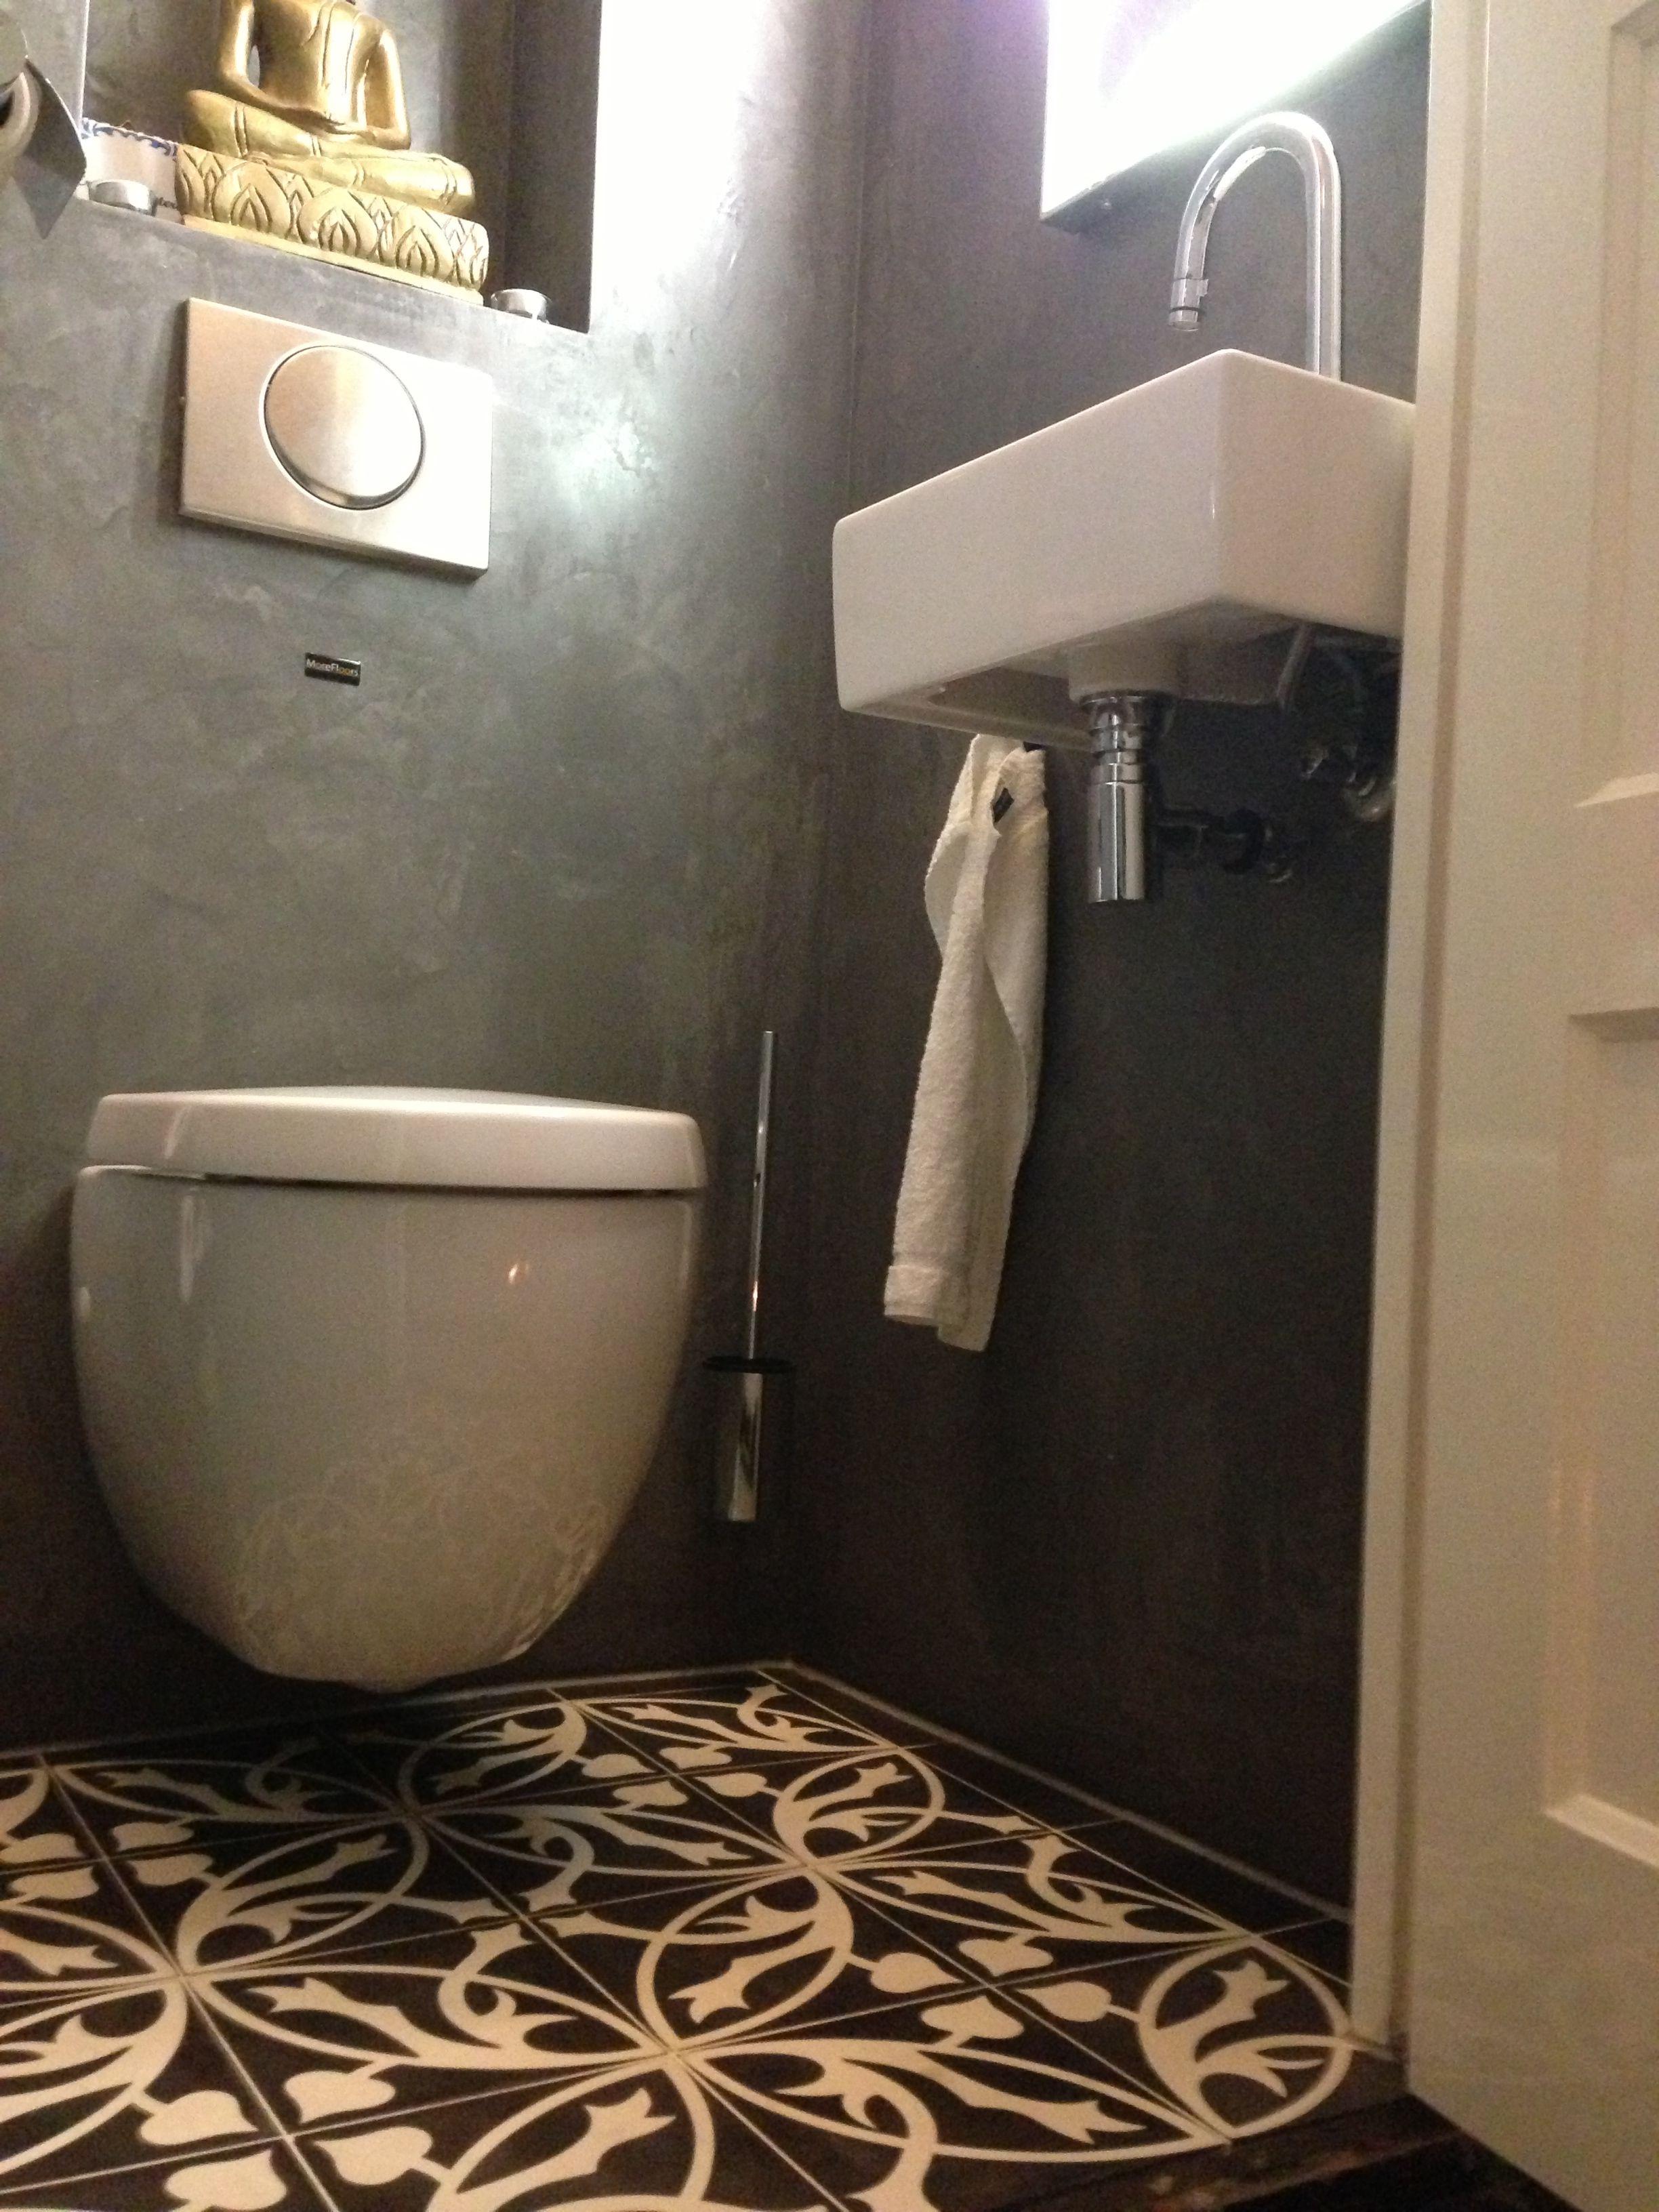 Beton Cire Beton Fliesen Alles Auf Kleinstem Raum Castelo Vloer Zwart Wit 20 X 20 Cm Toilet Toilet Kleine Badkamer Design Badkamer